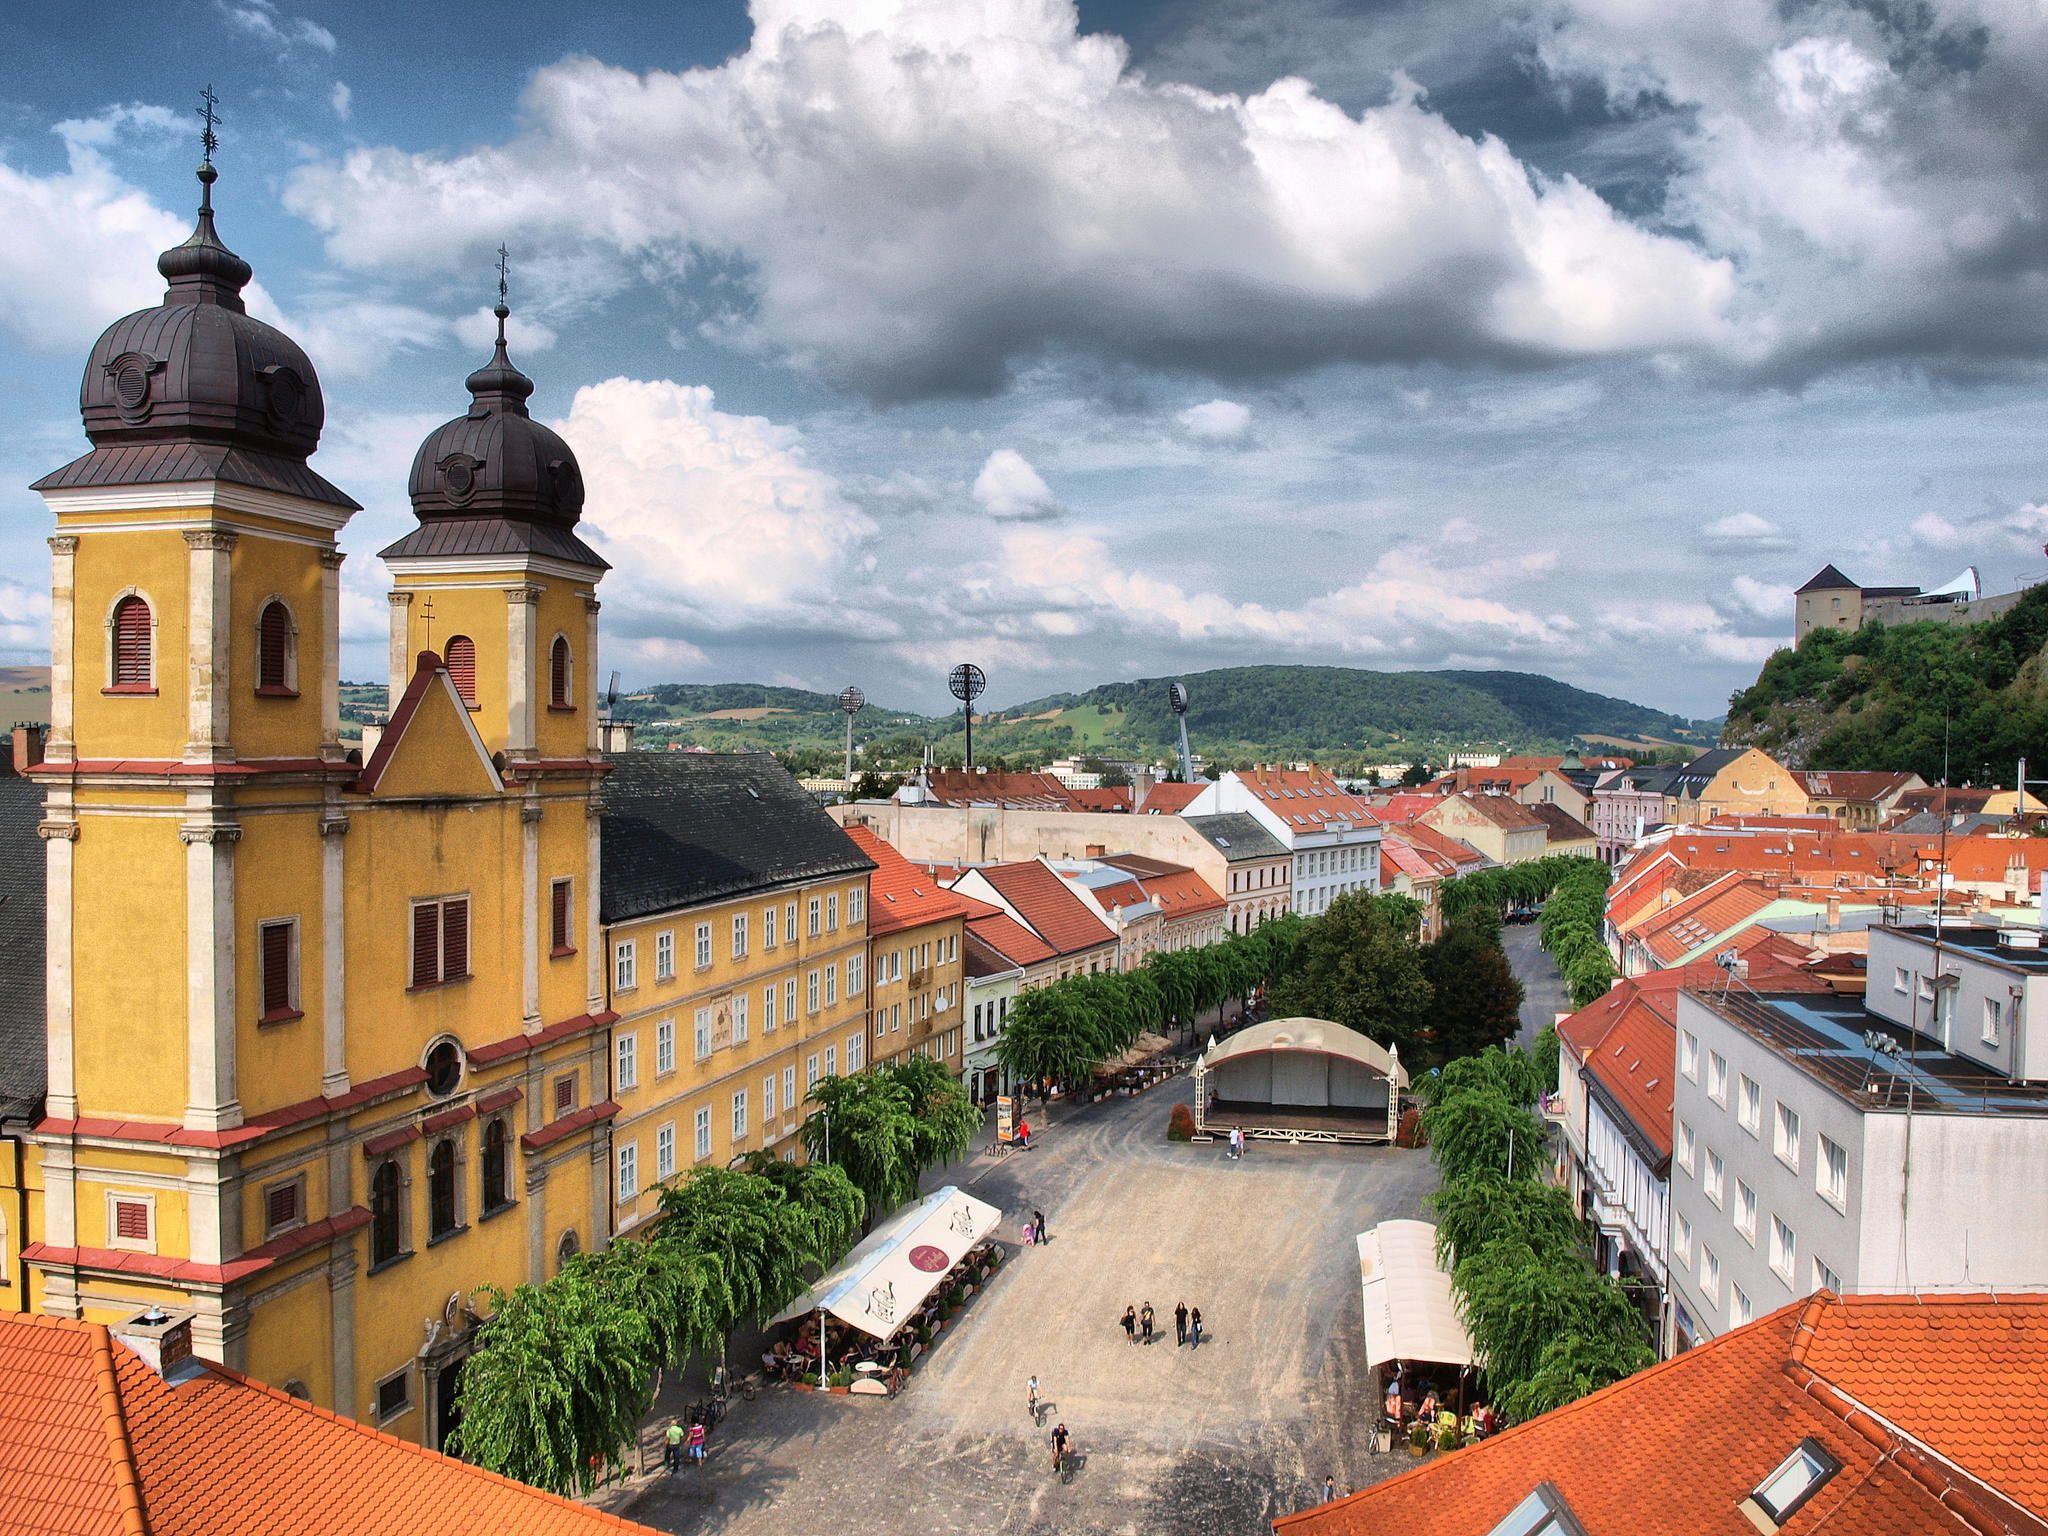 Main Square in Trencin by Kristýna Šprachtová on 500px